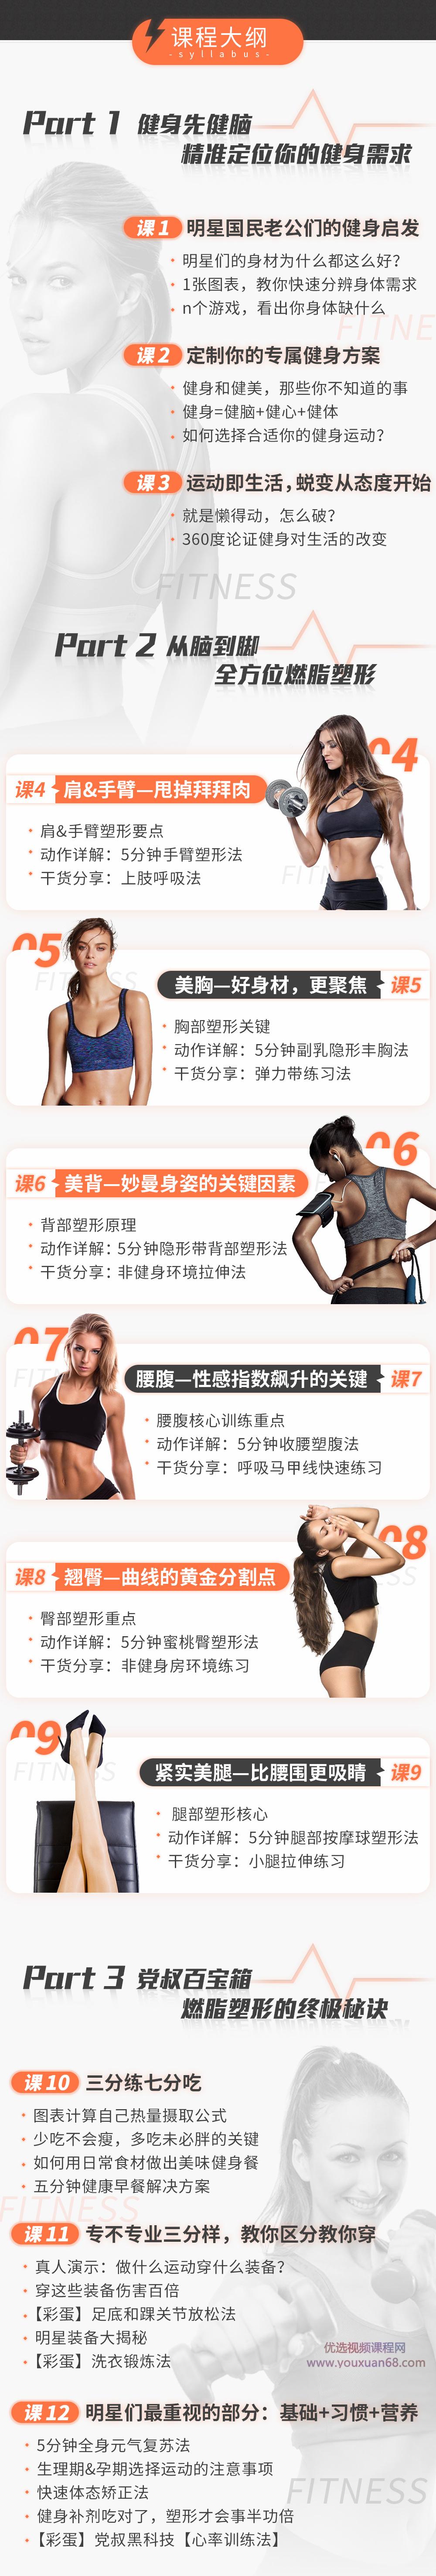 党宁远-12节终极燃脂塑形课(图2)